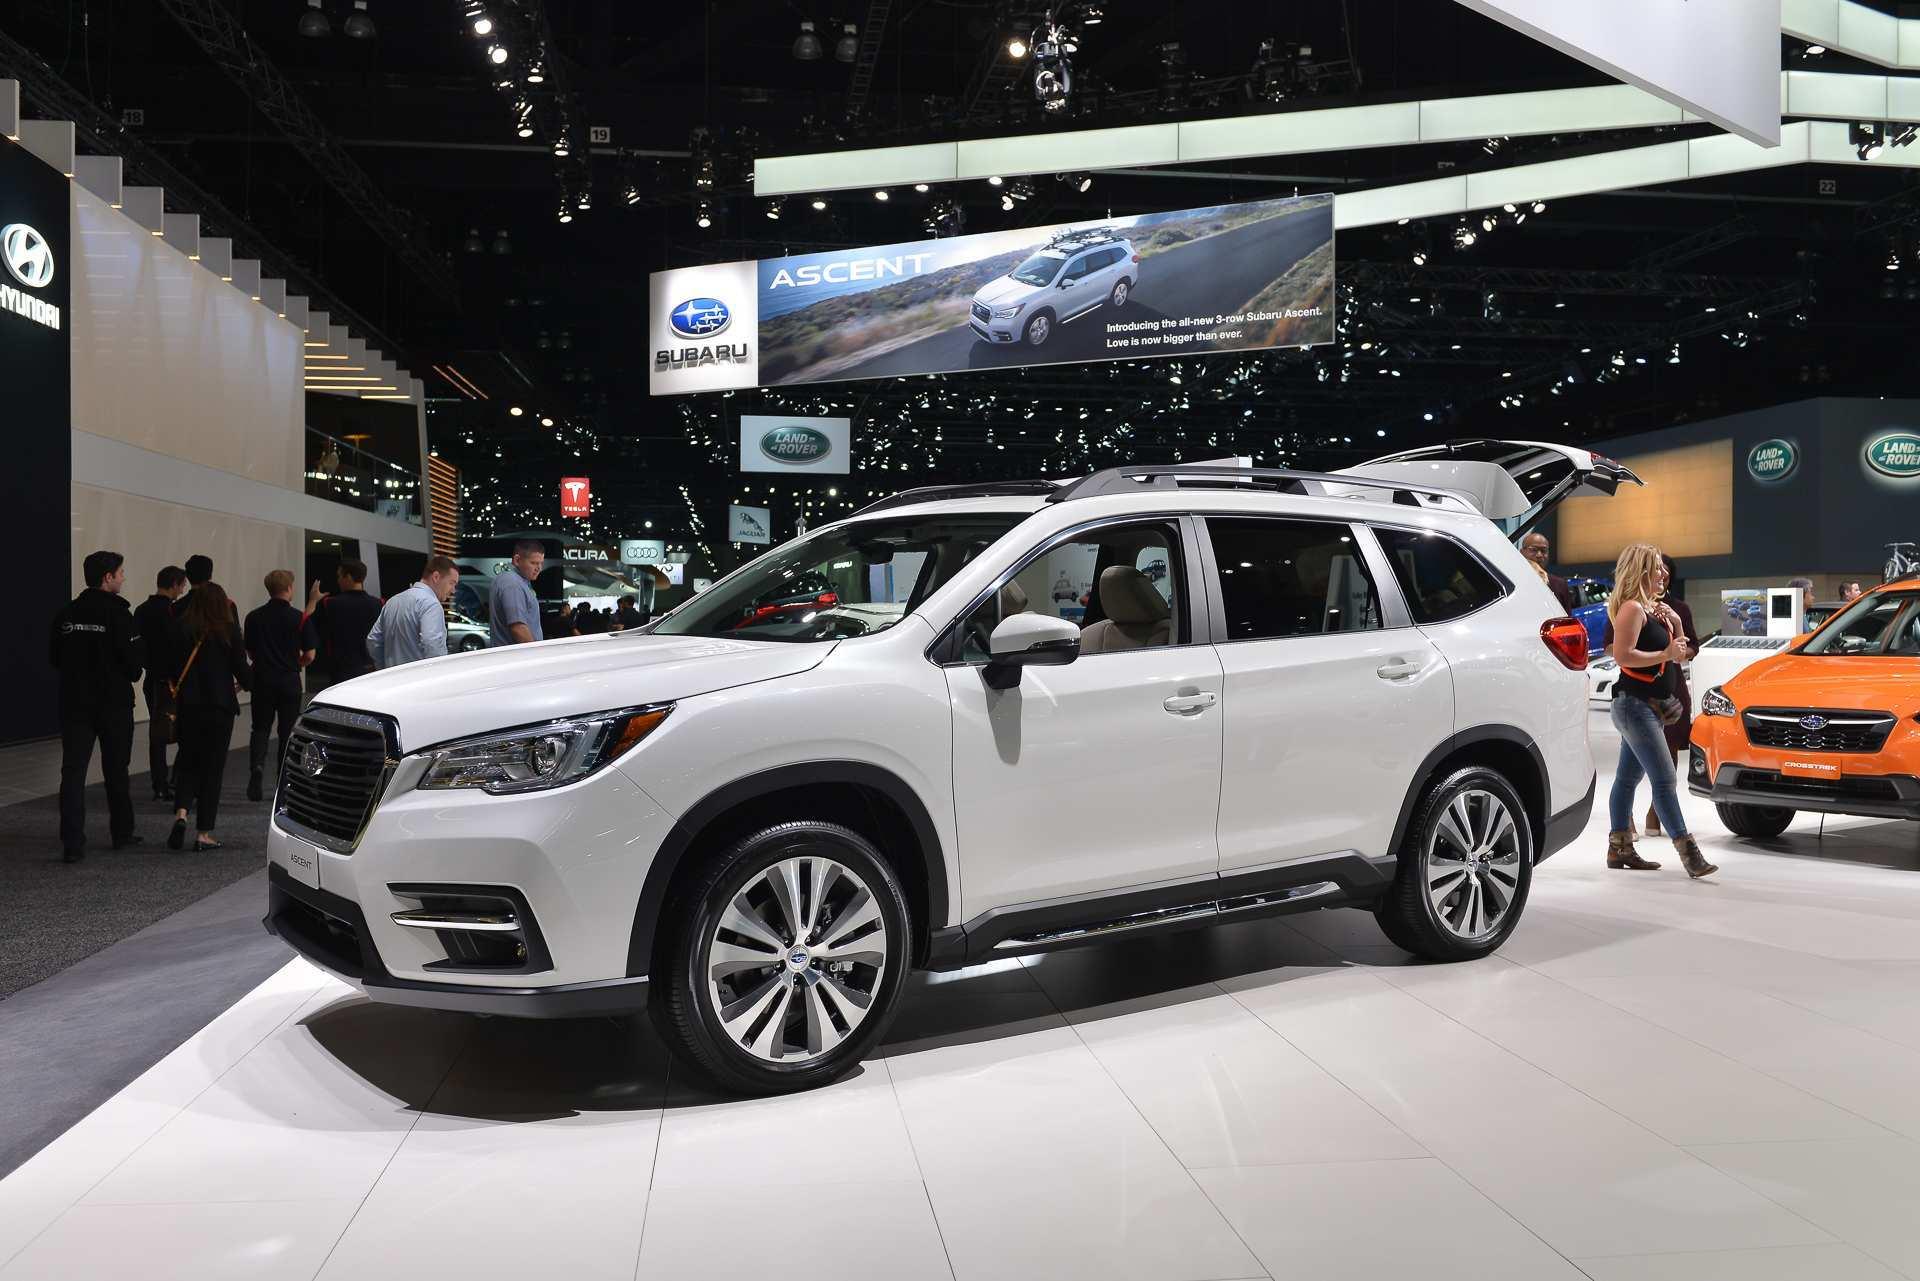 75 Gallery of 2019 Subaru Third Row New Review by 2019 Subaru Third Row